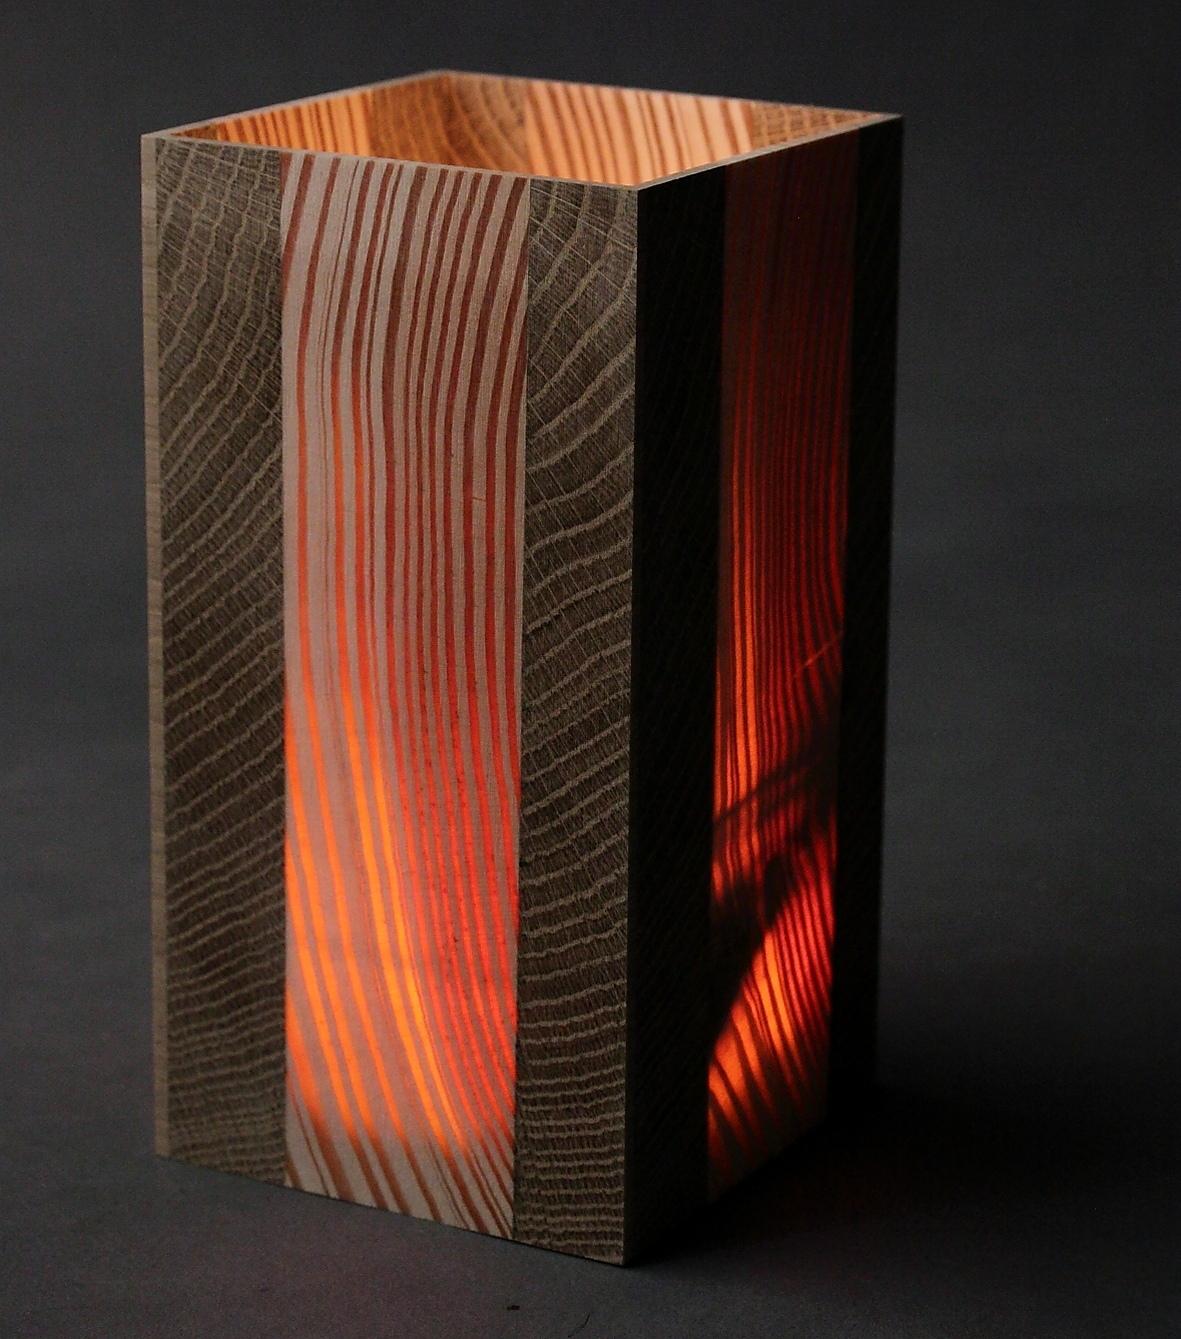 windlichter geschenke aus holz von christian masche. Black Bedroom Furniture Sets. Home Design Ideas